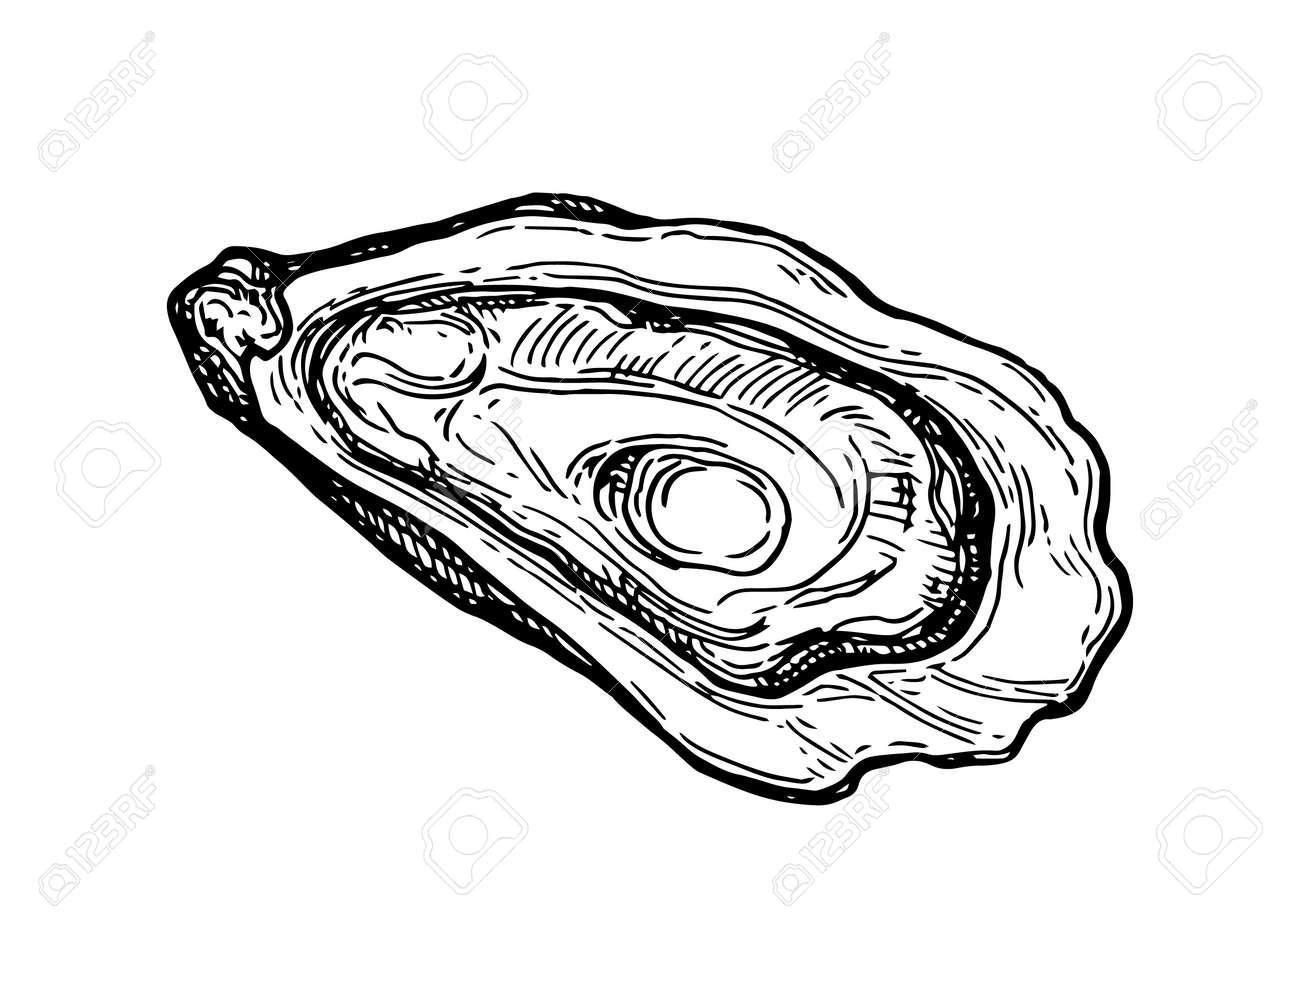 Oyster ink sketch. - 84356820